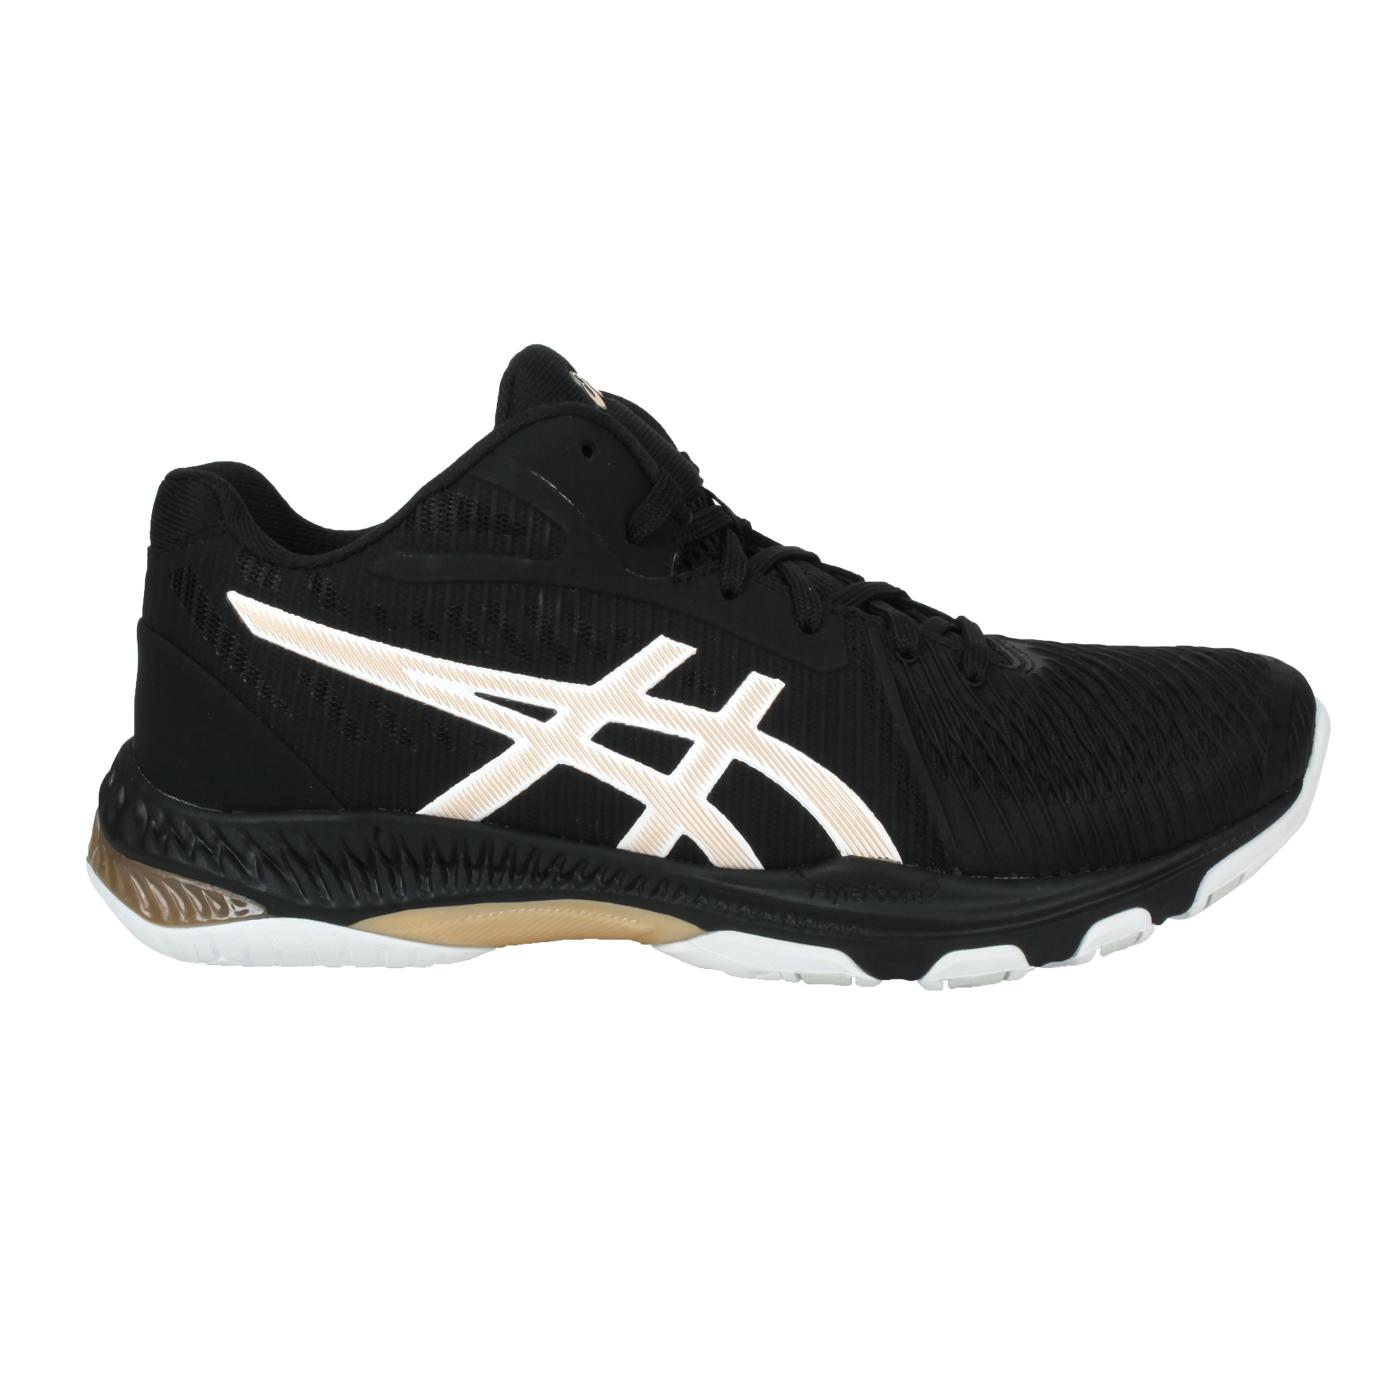 ASICS 男款排羽球鞋  @NETBURNER BALLISTIC FF MT 2@1051A042-003